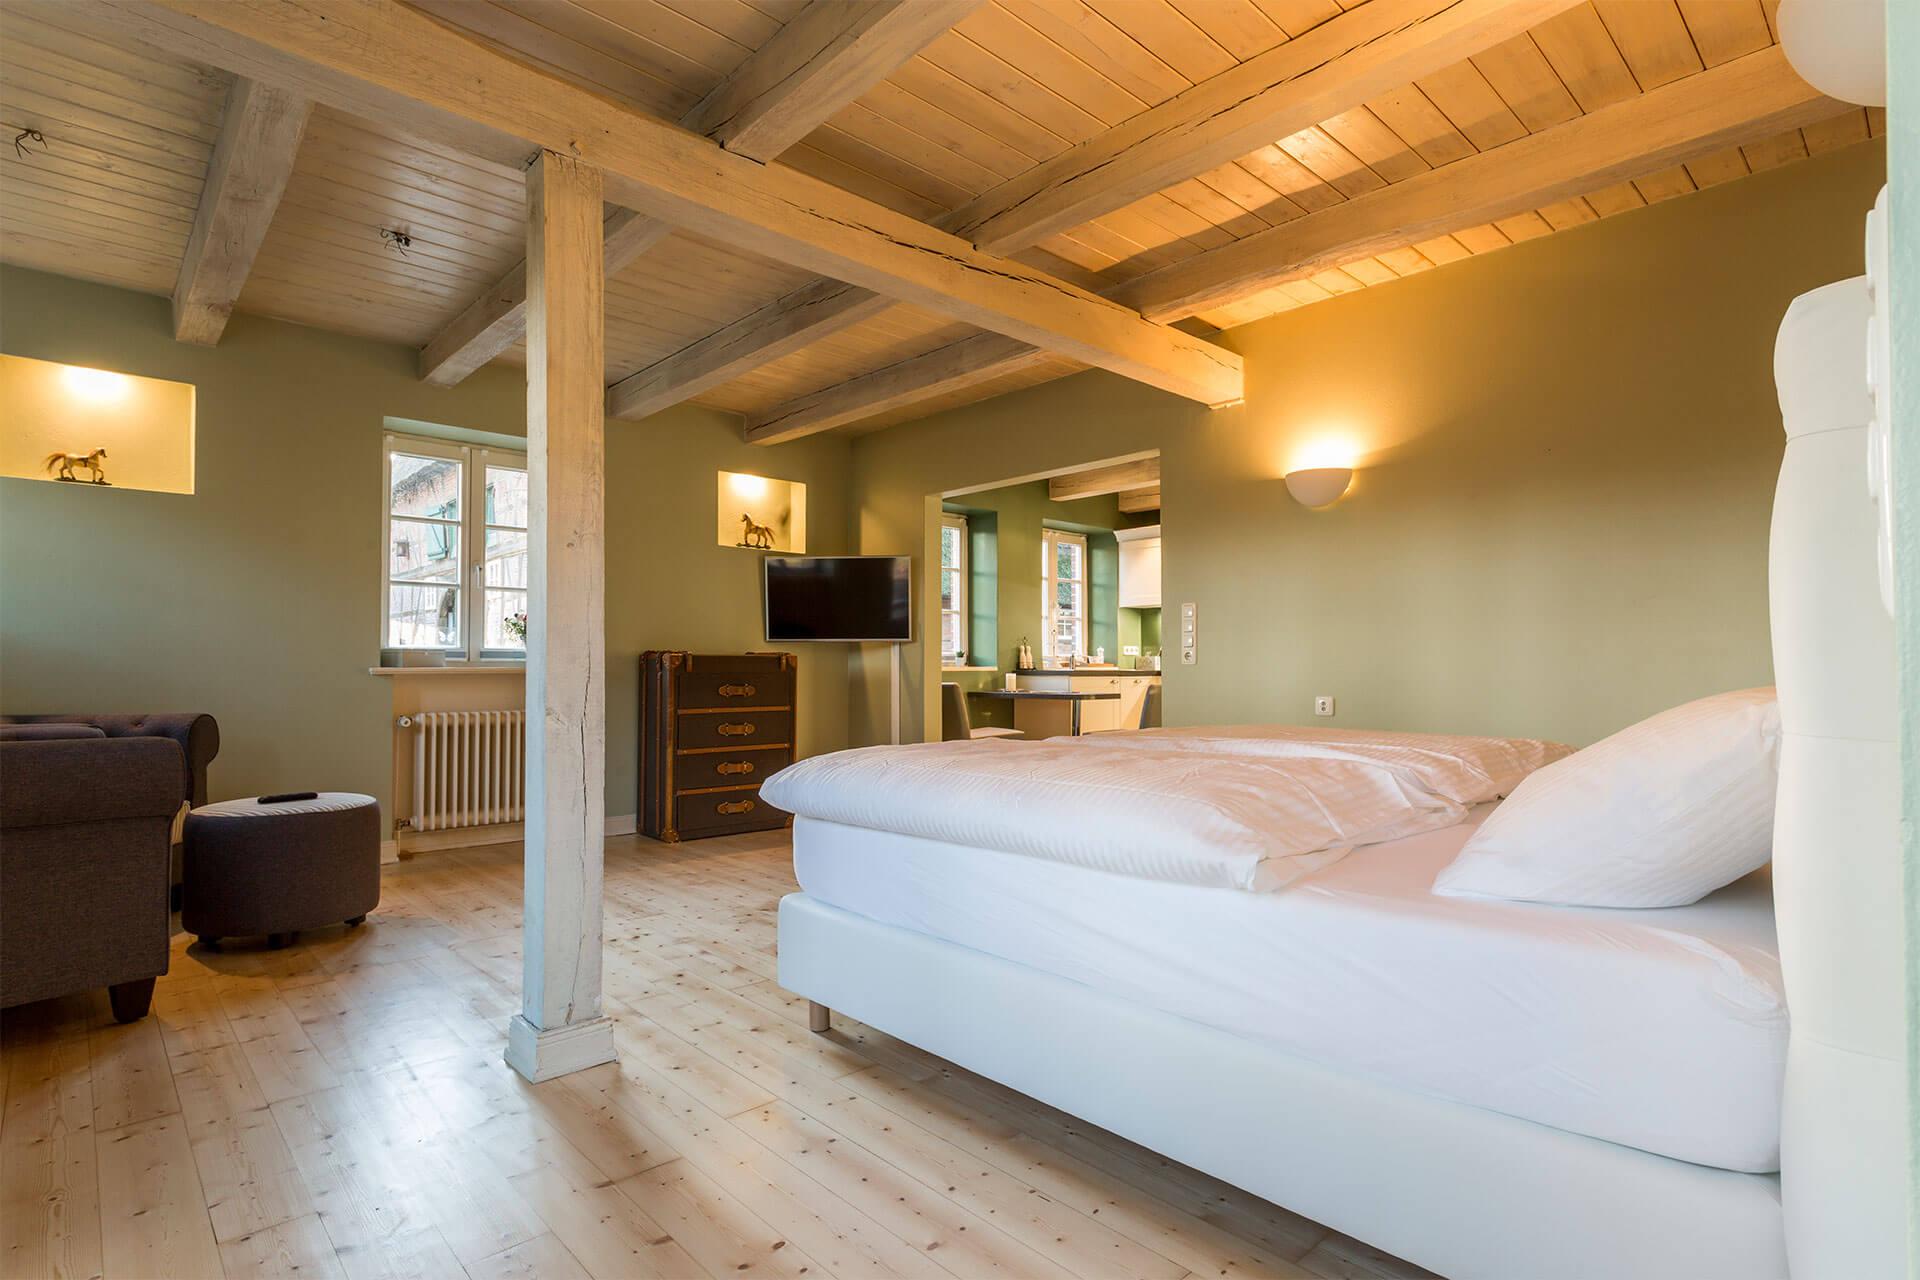 genießen sie ihren Urlaub in der gemütlichen stilvoll eingerichteten Wohnung Moritz